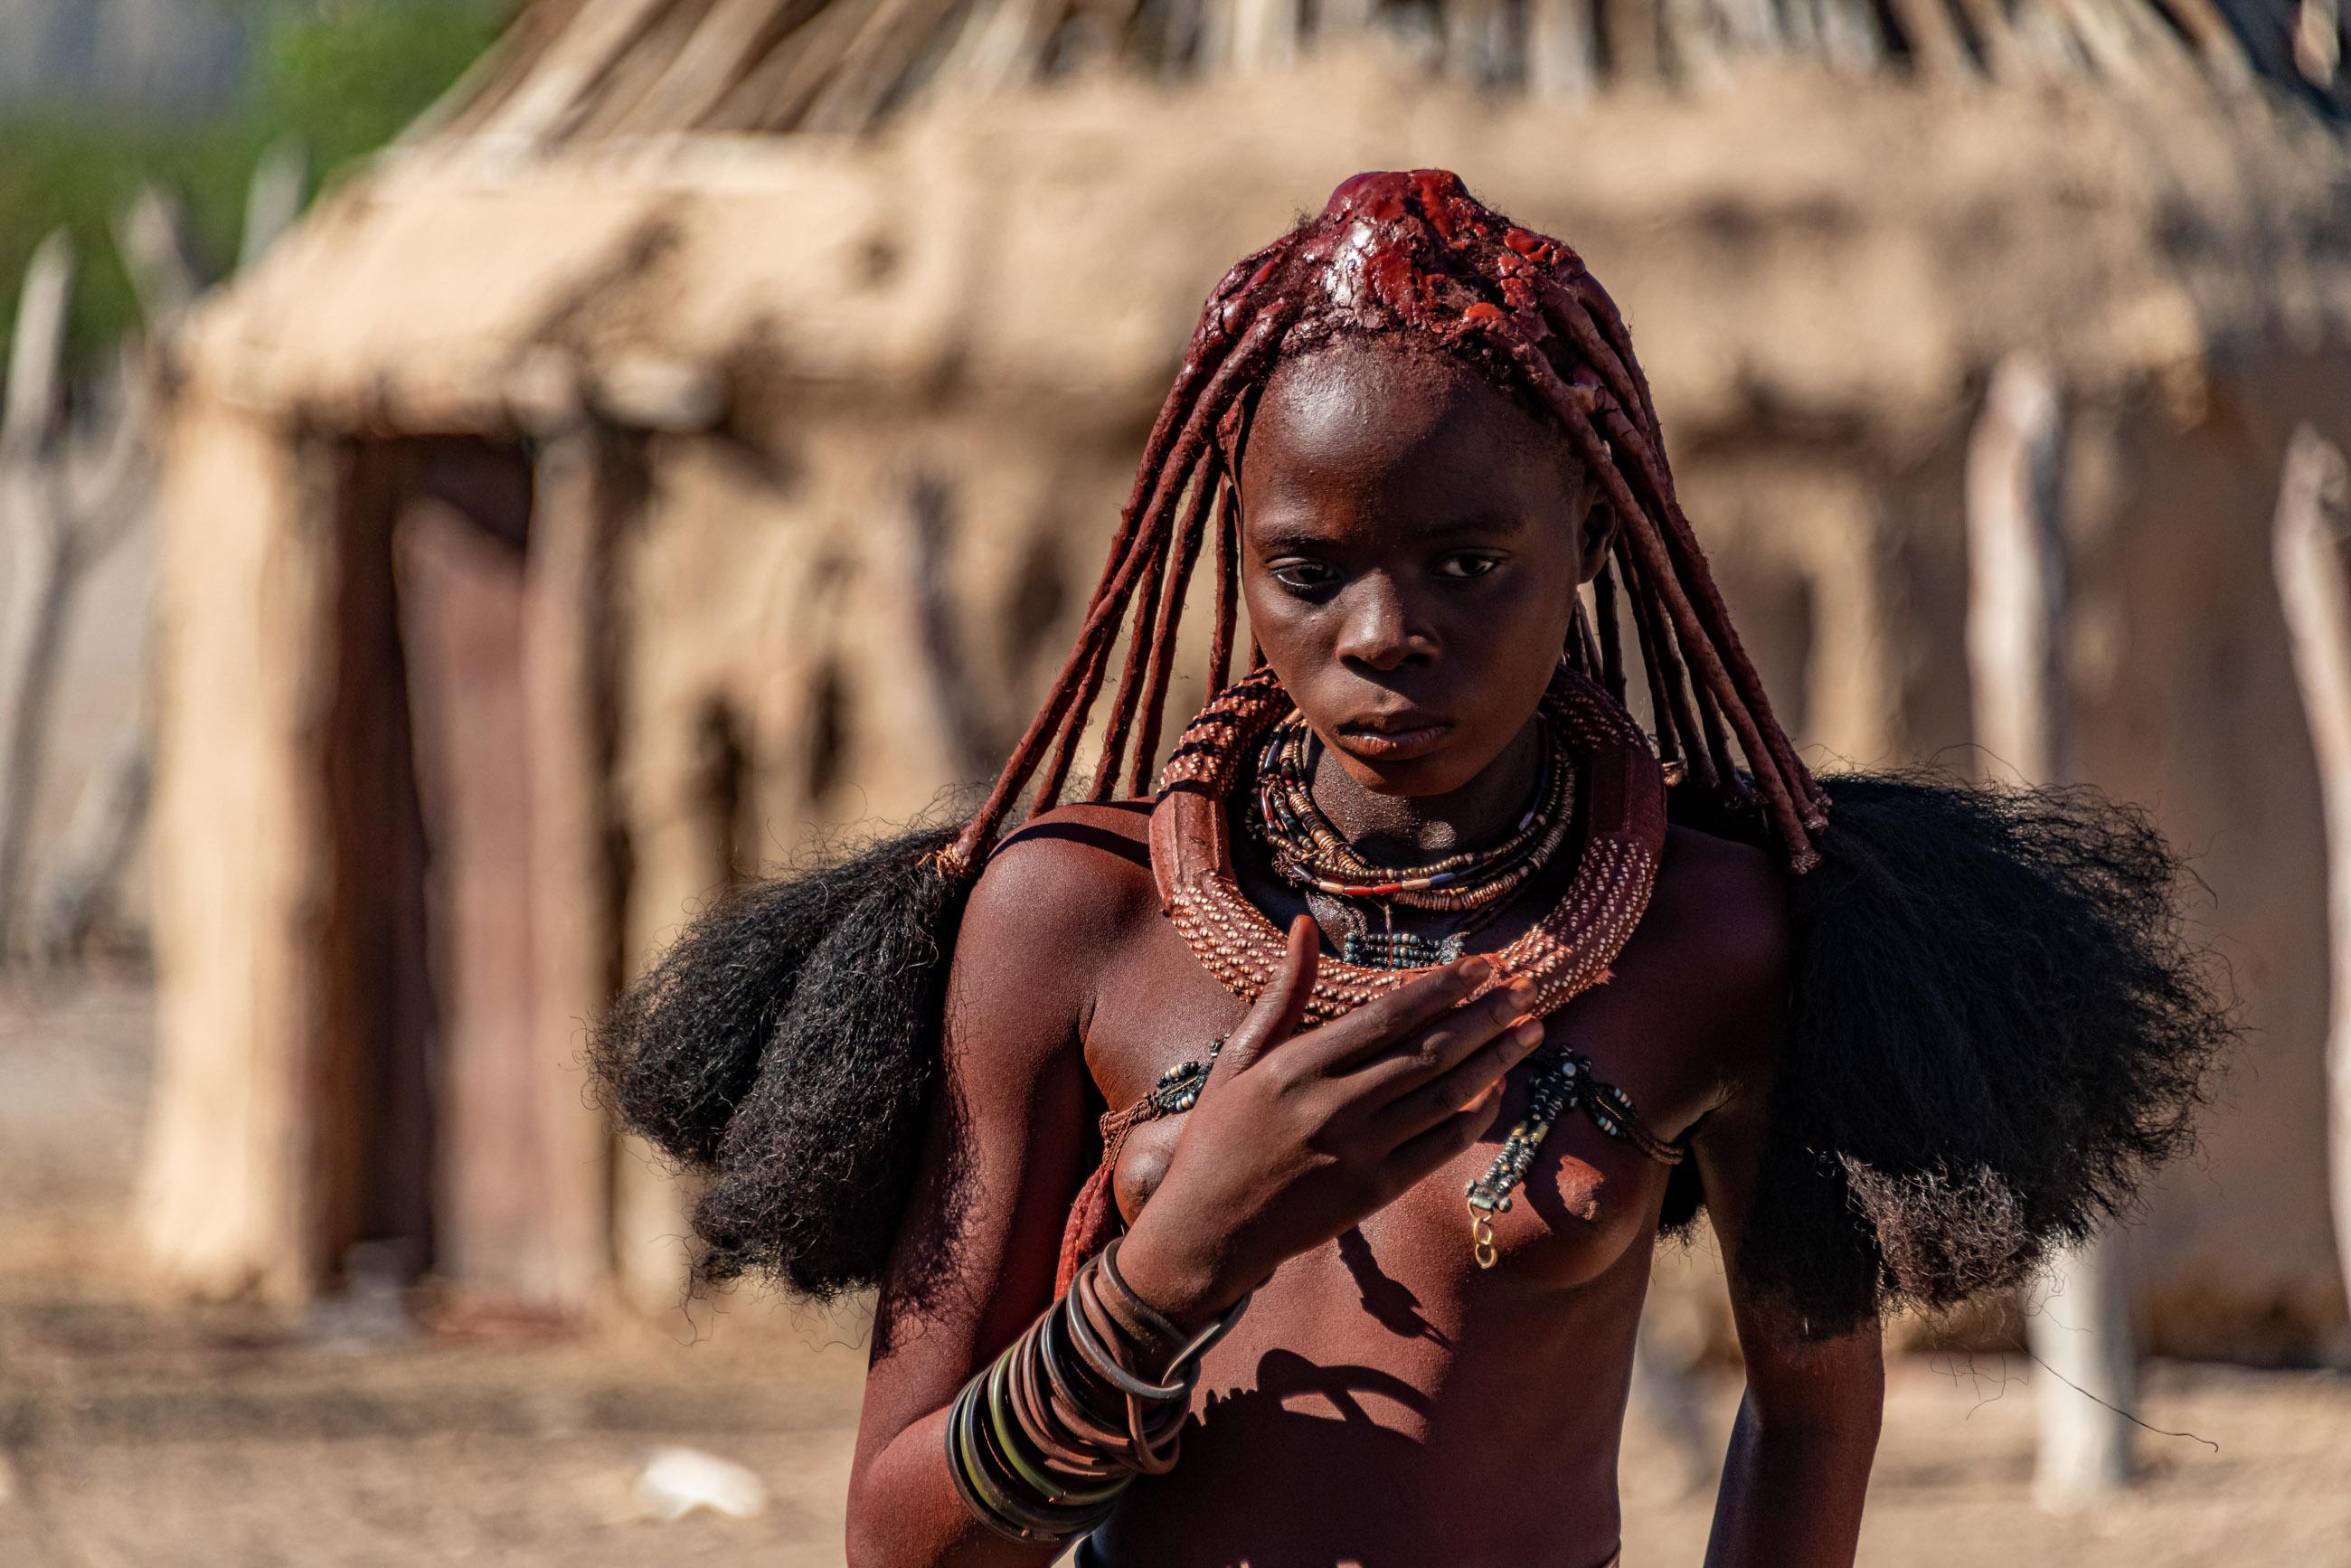 https://bubo.sk/uploads/galleries/7335/tomashulik_namibia_himba-250-2.jpg